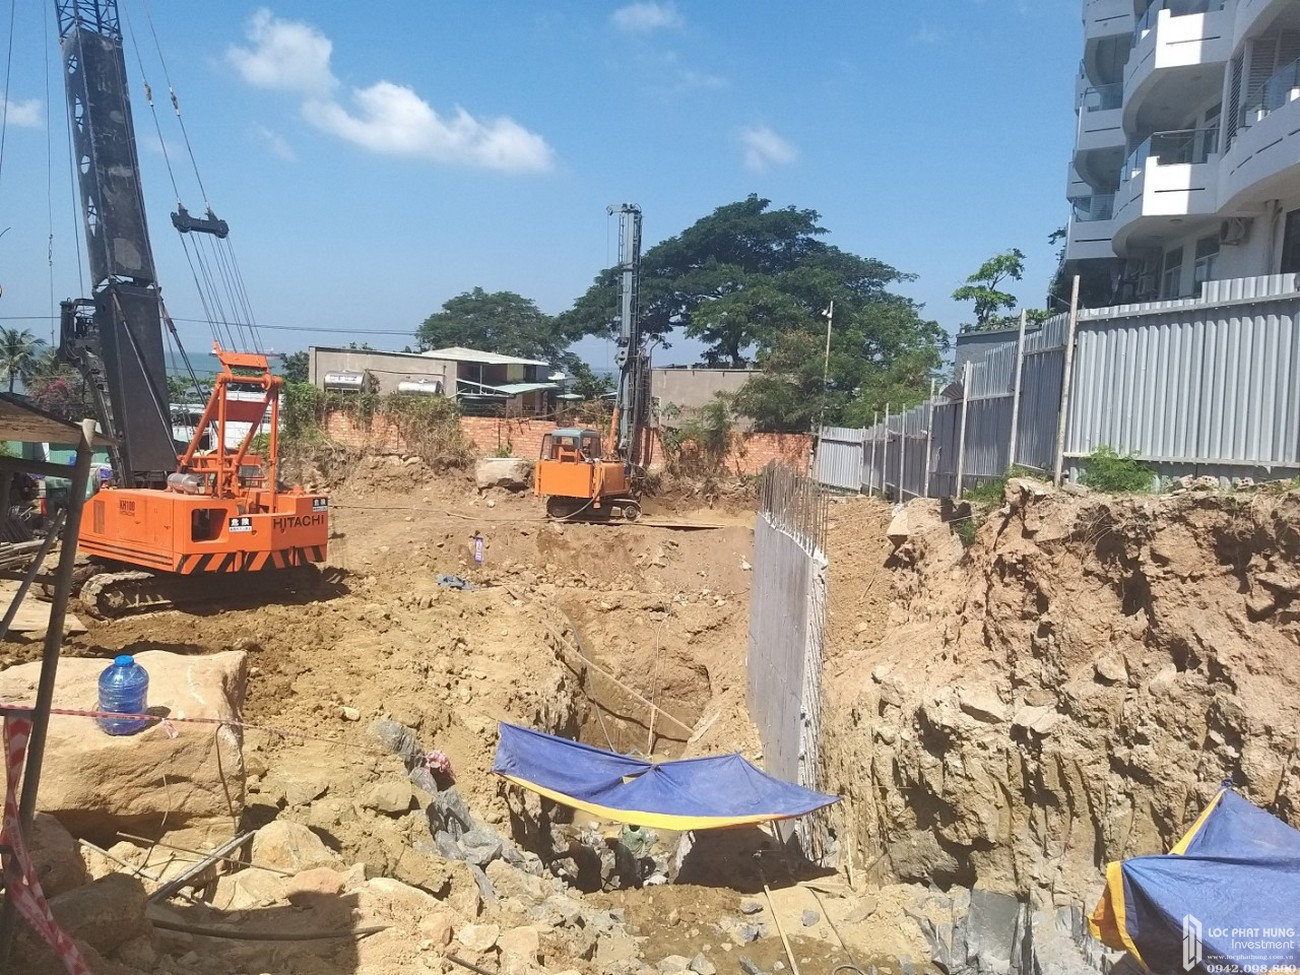 Tiến độ xây dựng dự án Condotel Oyster Gành Hào Vũng Tàu tháng 10/2019